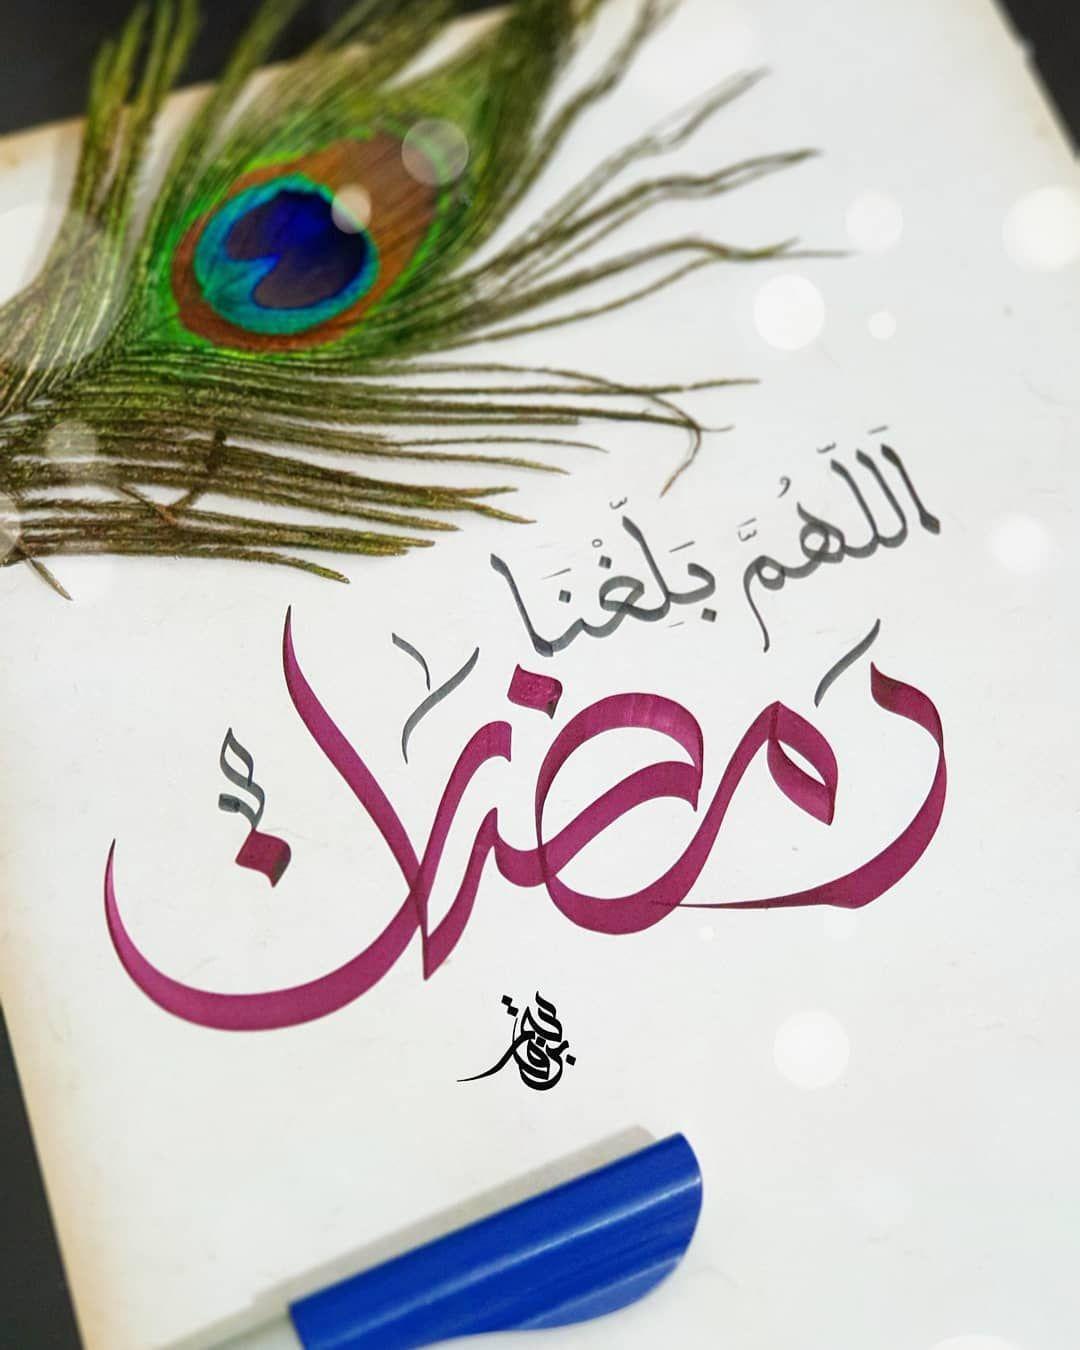 ـ اللهم بلغنا رمضان لا فاقدين ولا مفقودين ياارب الخط العربي خط الوسام خطي Daimond Gold Arabic Cal Urdu Calligraphy Calligraphy Name Arabic Calligraphy